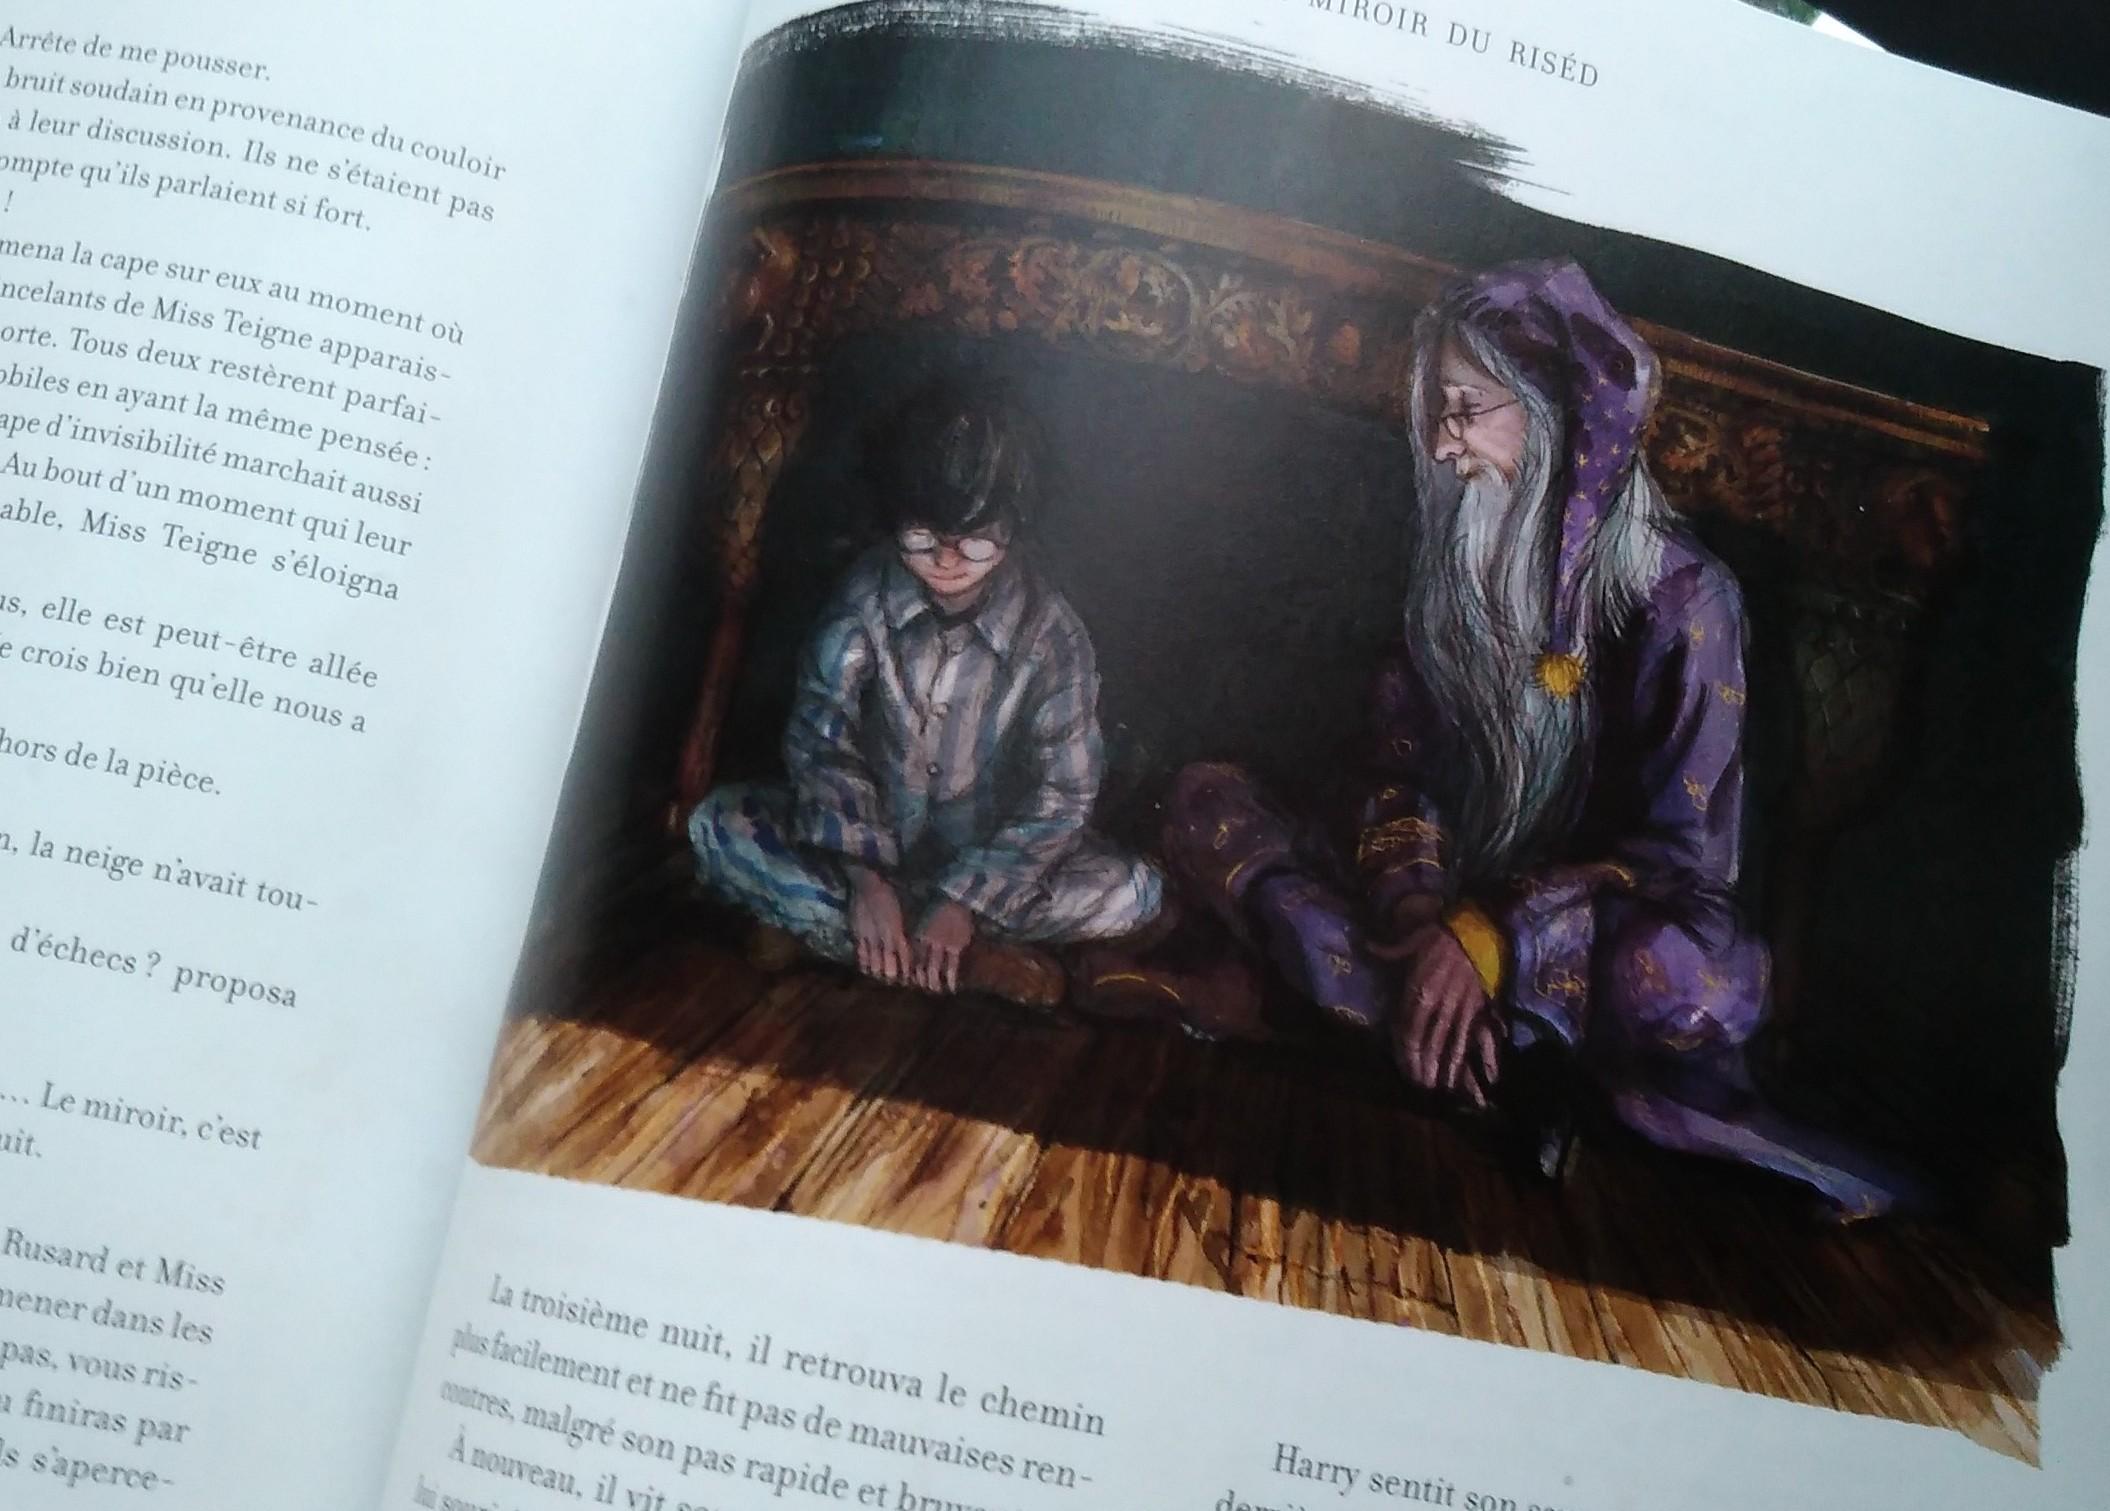 Harry potter illustr par jim kay librairie au temps lire for Miroir harry potter